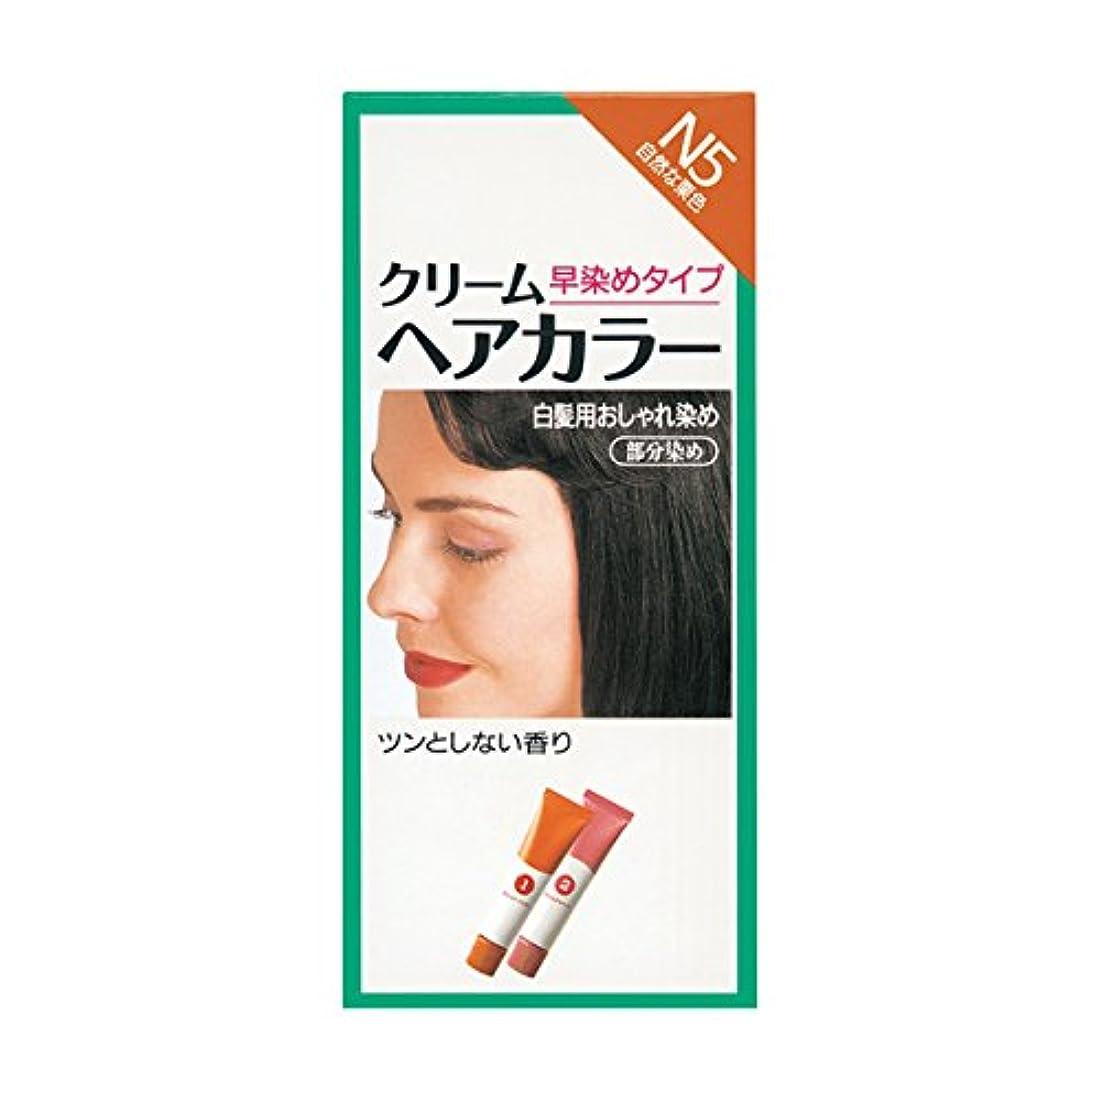 汚れる絞る分析的なヘアカラー クリームヘアカラーN N5 【医薬部外品】